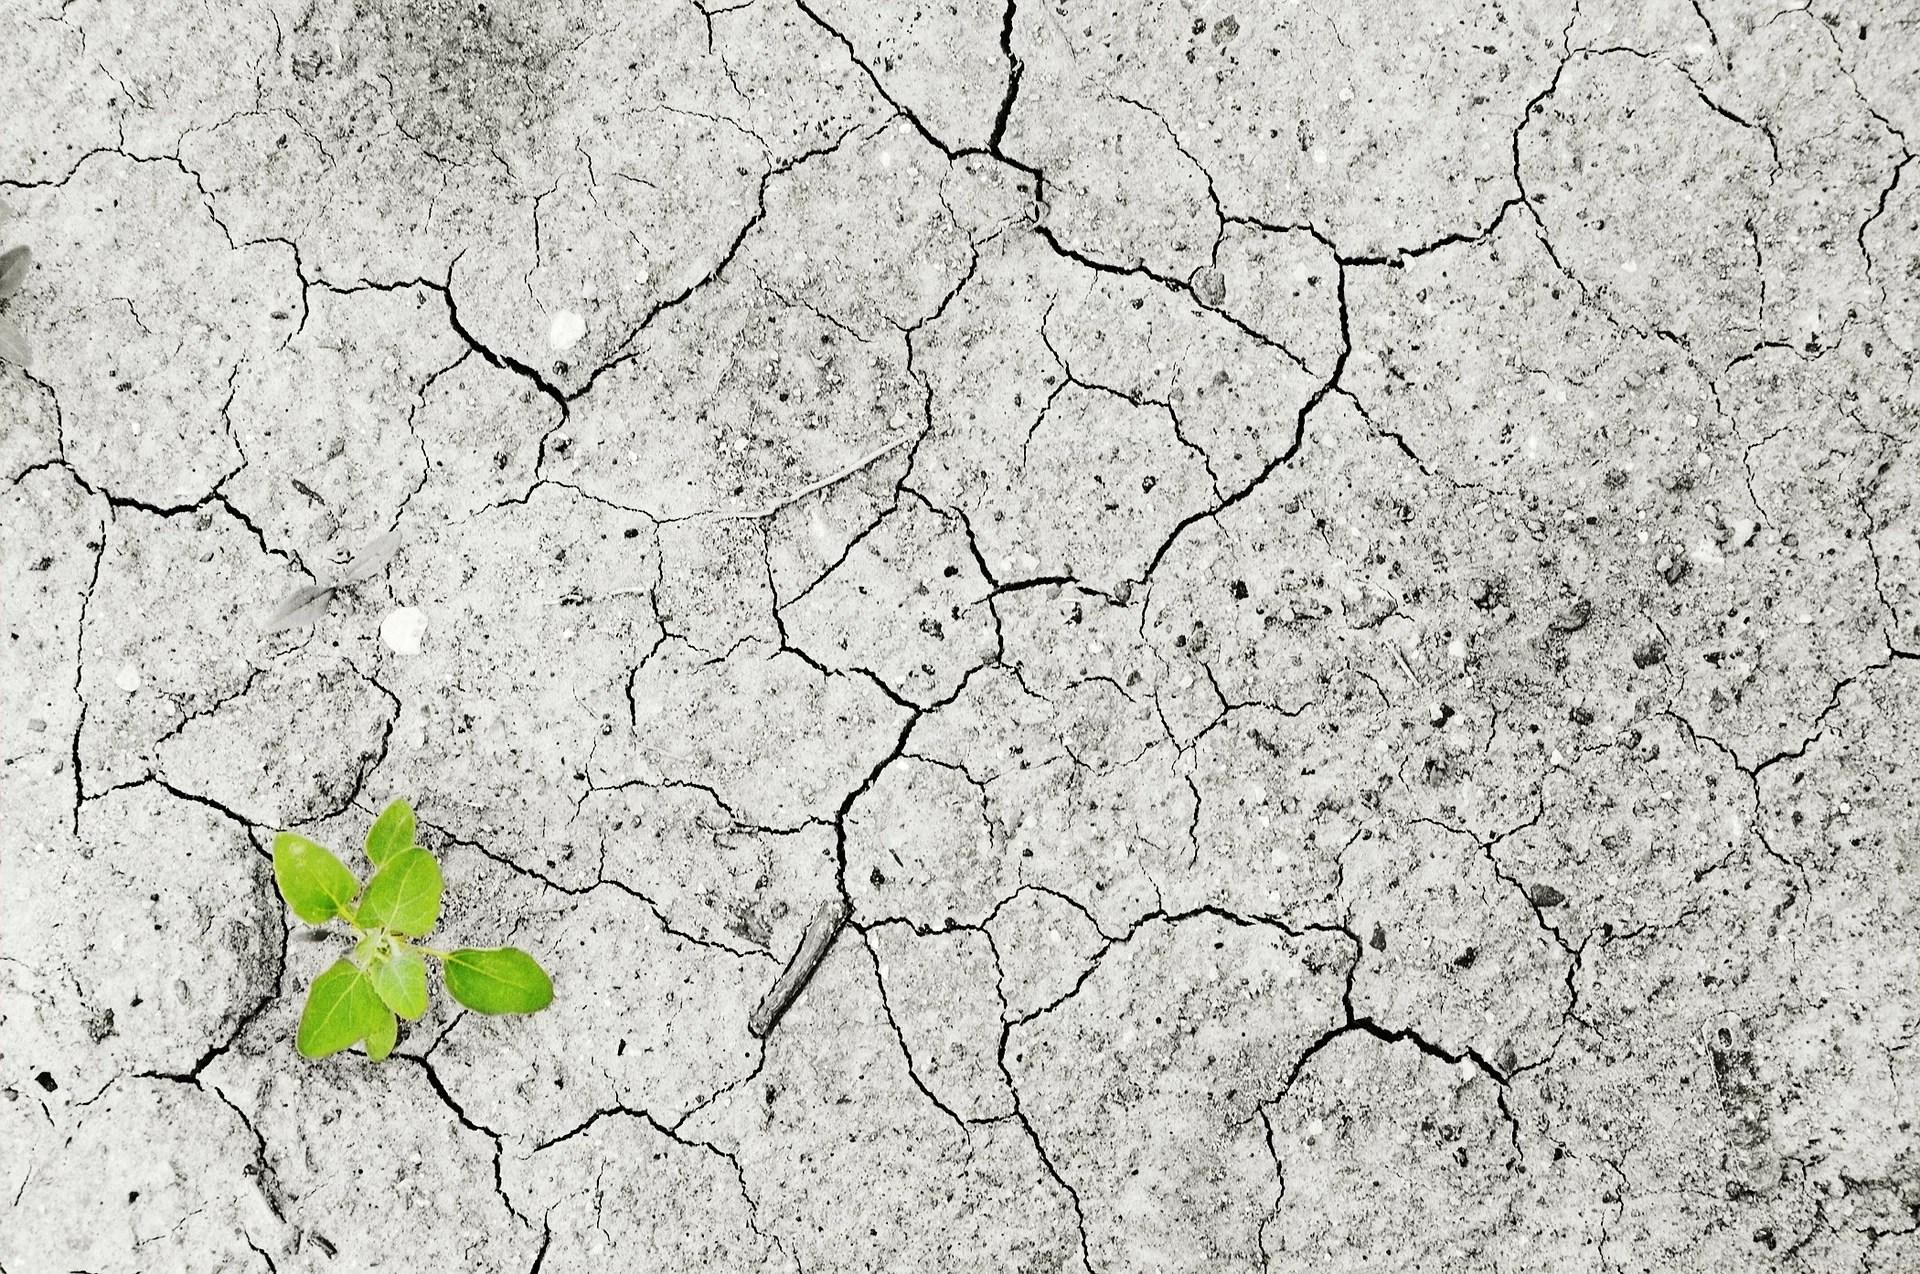 Изменение климата грозит глобальному урожаю в следующие 50 лет